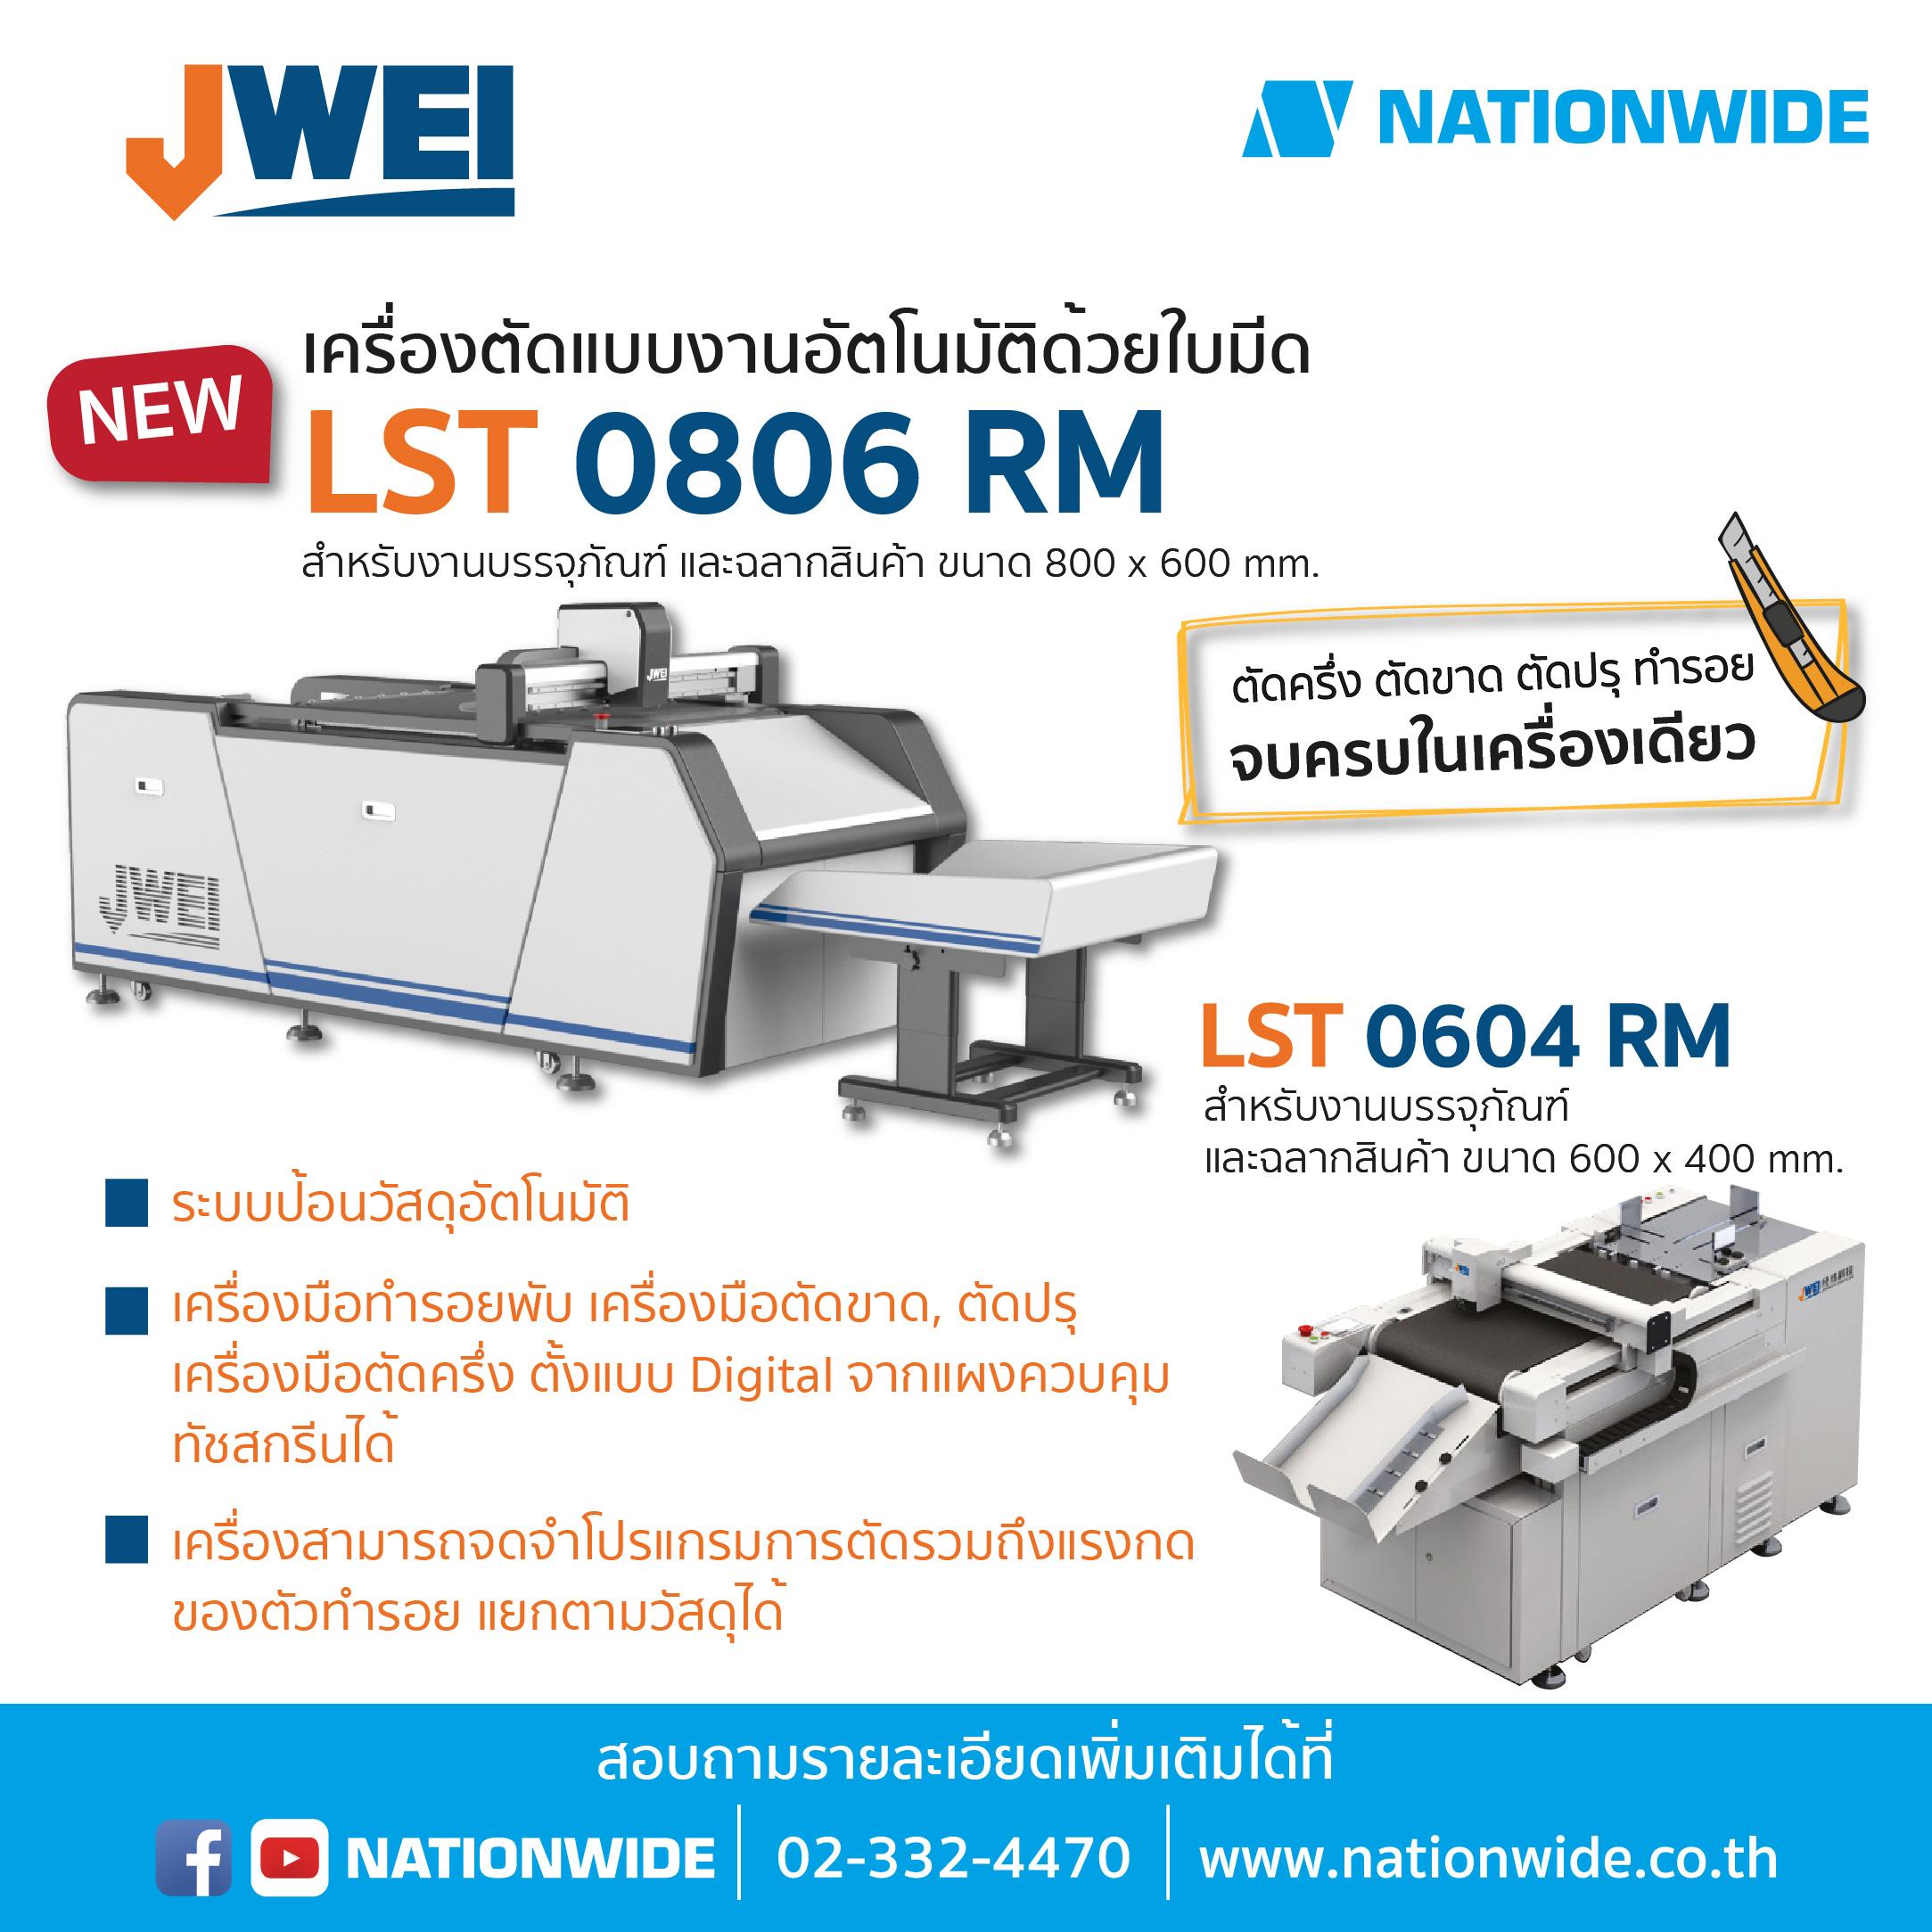 เครื่องตัดแบบงานอัตโนมัติด้วยใบมีด รุ่น LST0806RM จาก Jingwei Sizeใหม่ ใหญ่กว่าเดิม